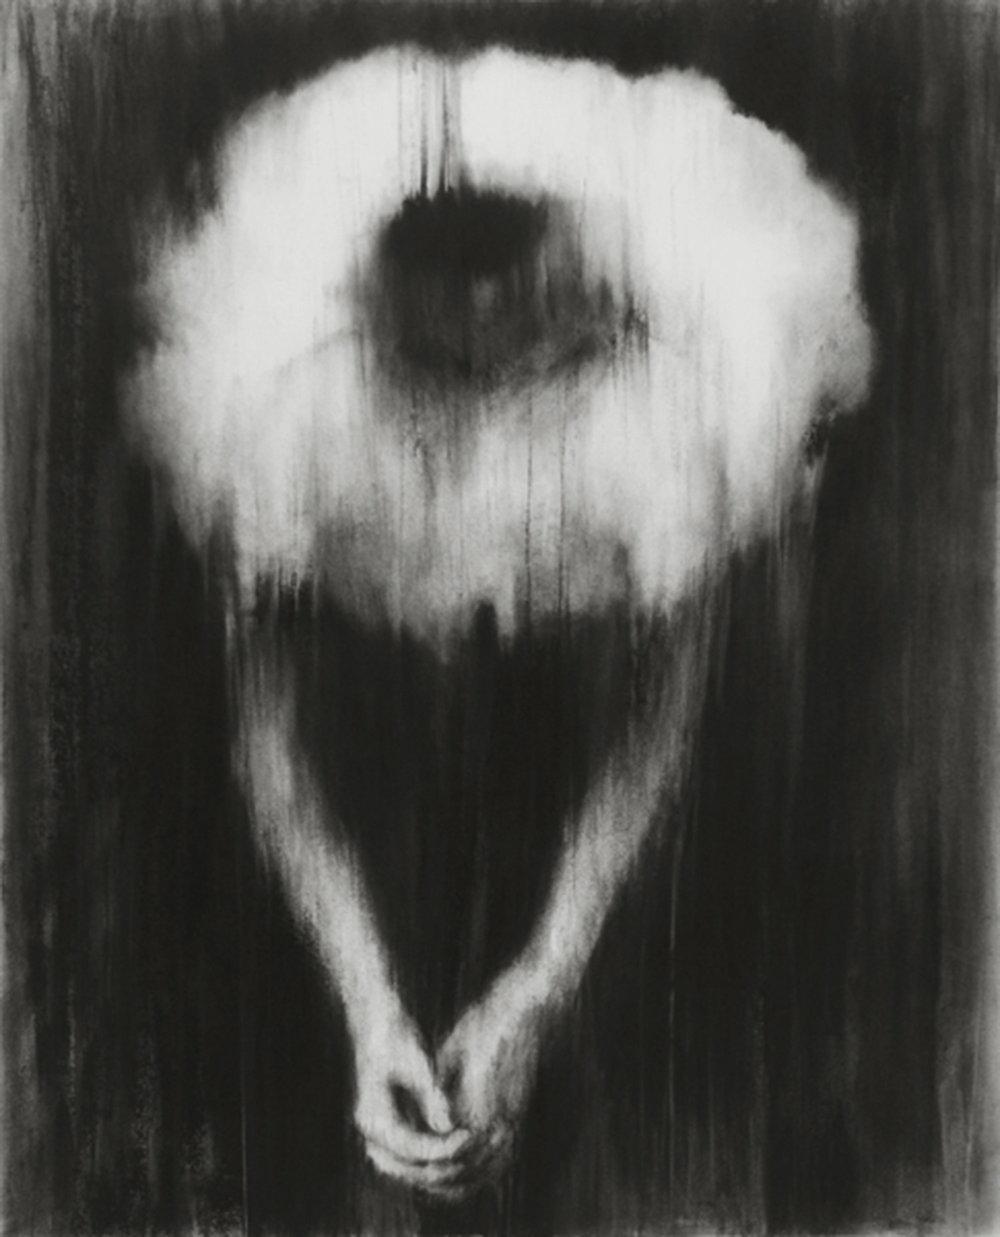 """Guy Oberson, """"Parole coagulée"""", pierre noire sur papier, 108 x 88 cm, 2015"""